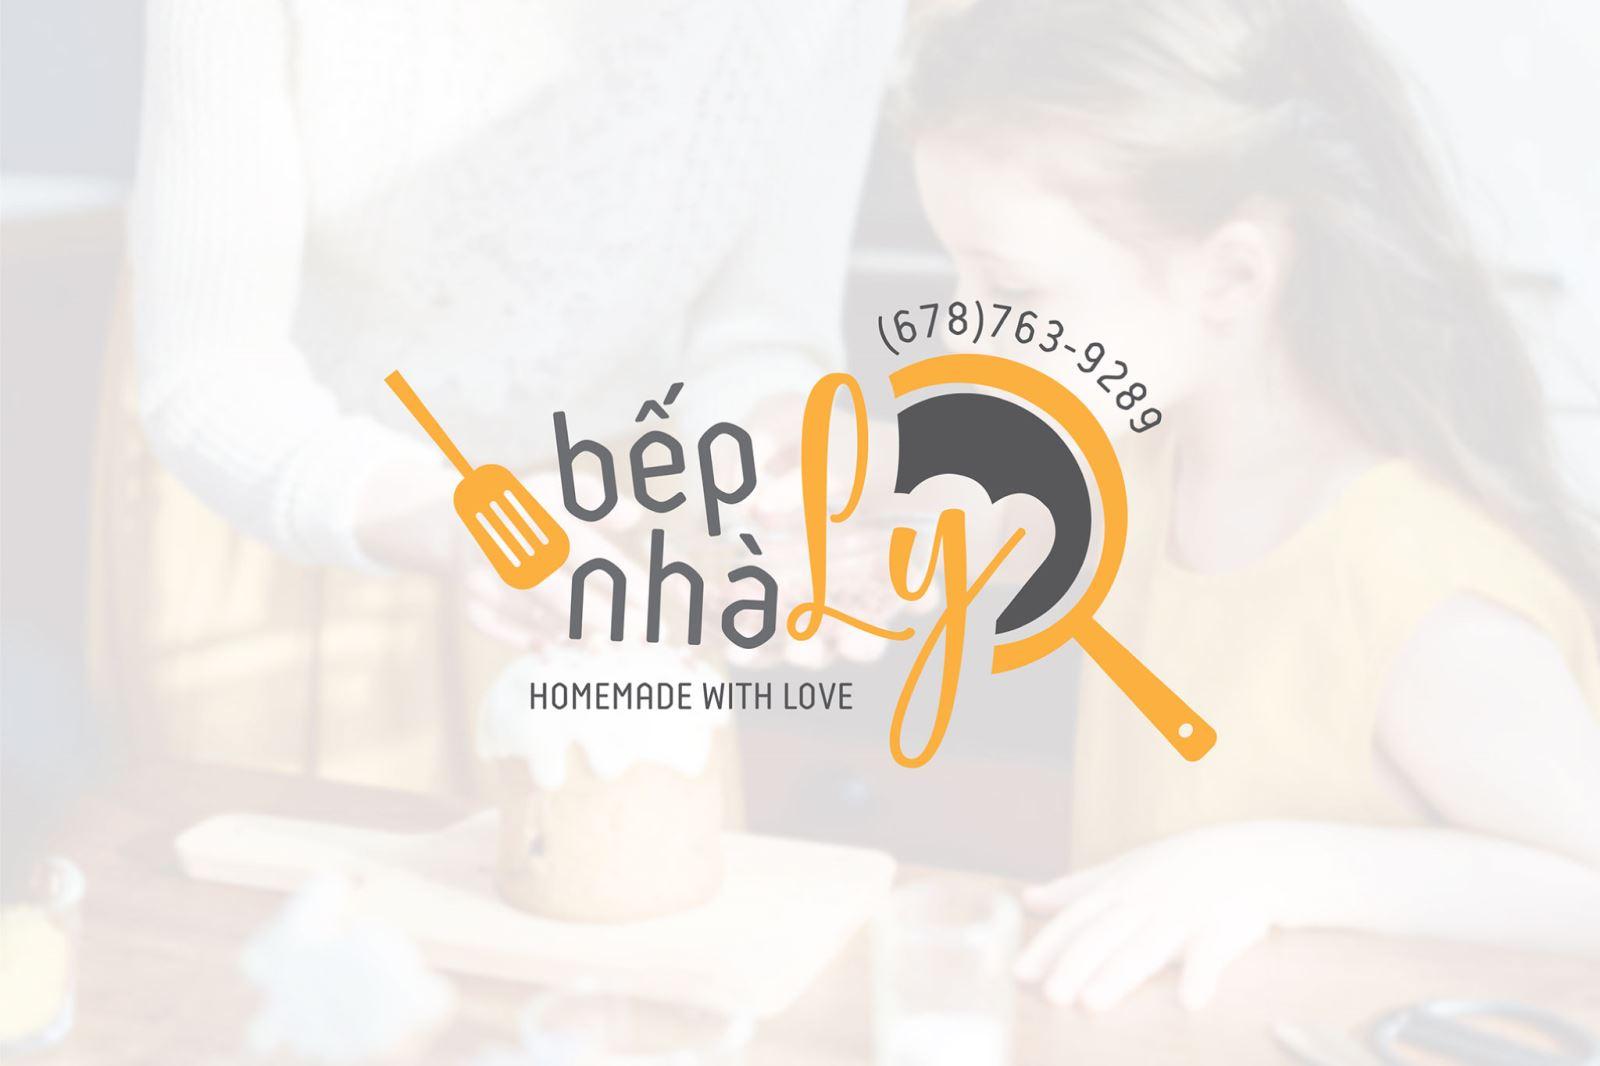 Thiết kế logo Bếp nhà ly